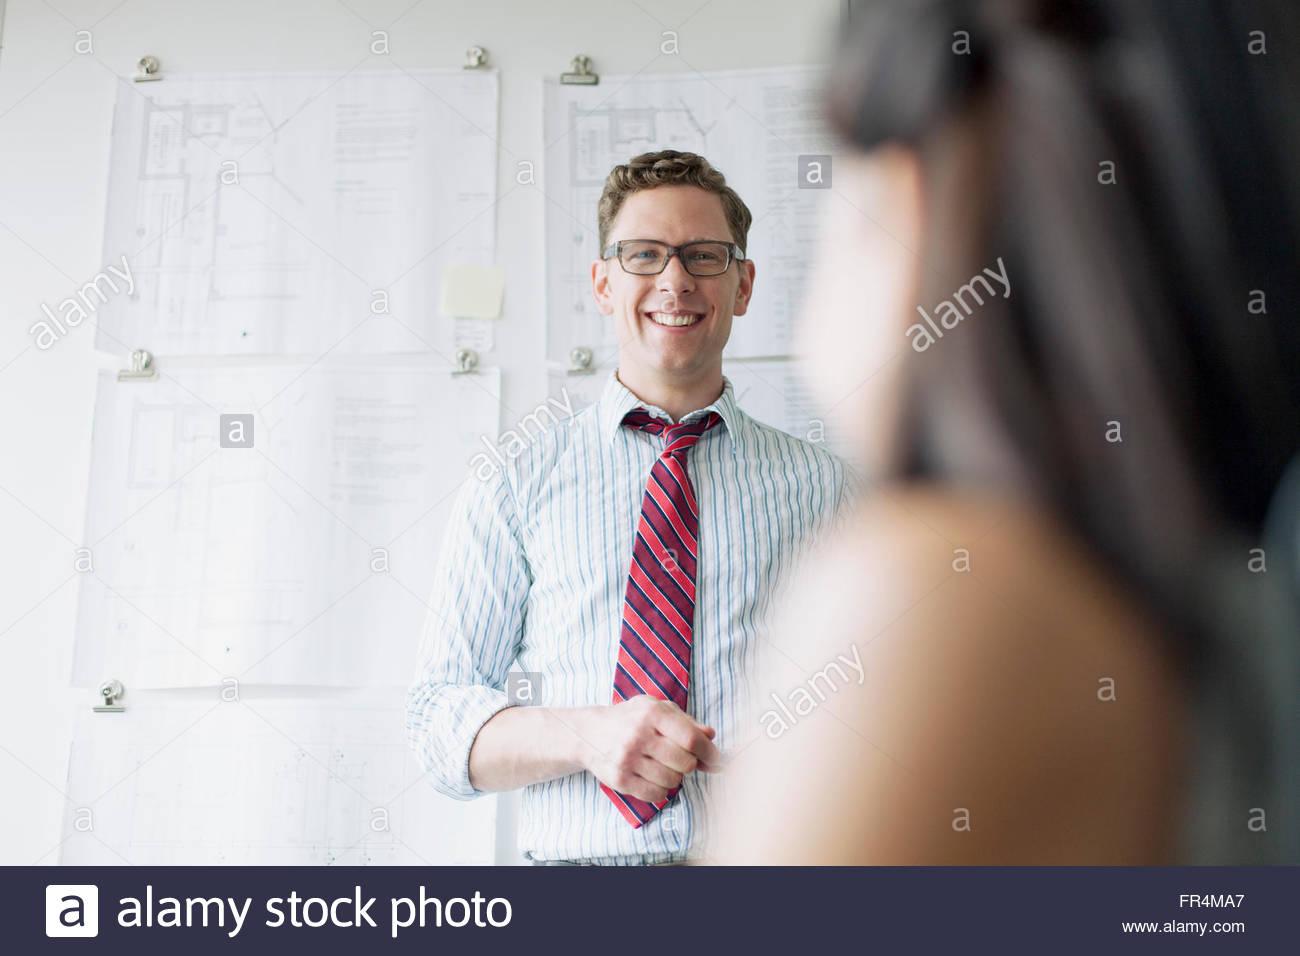 Arquitecto sonriendo durante la presentación Imagen De Stock